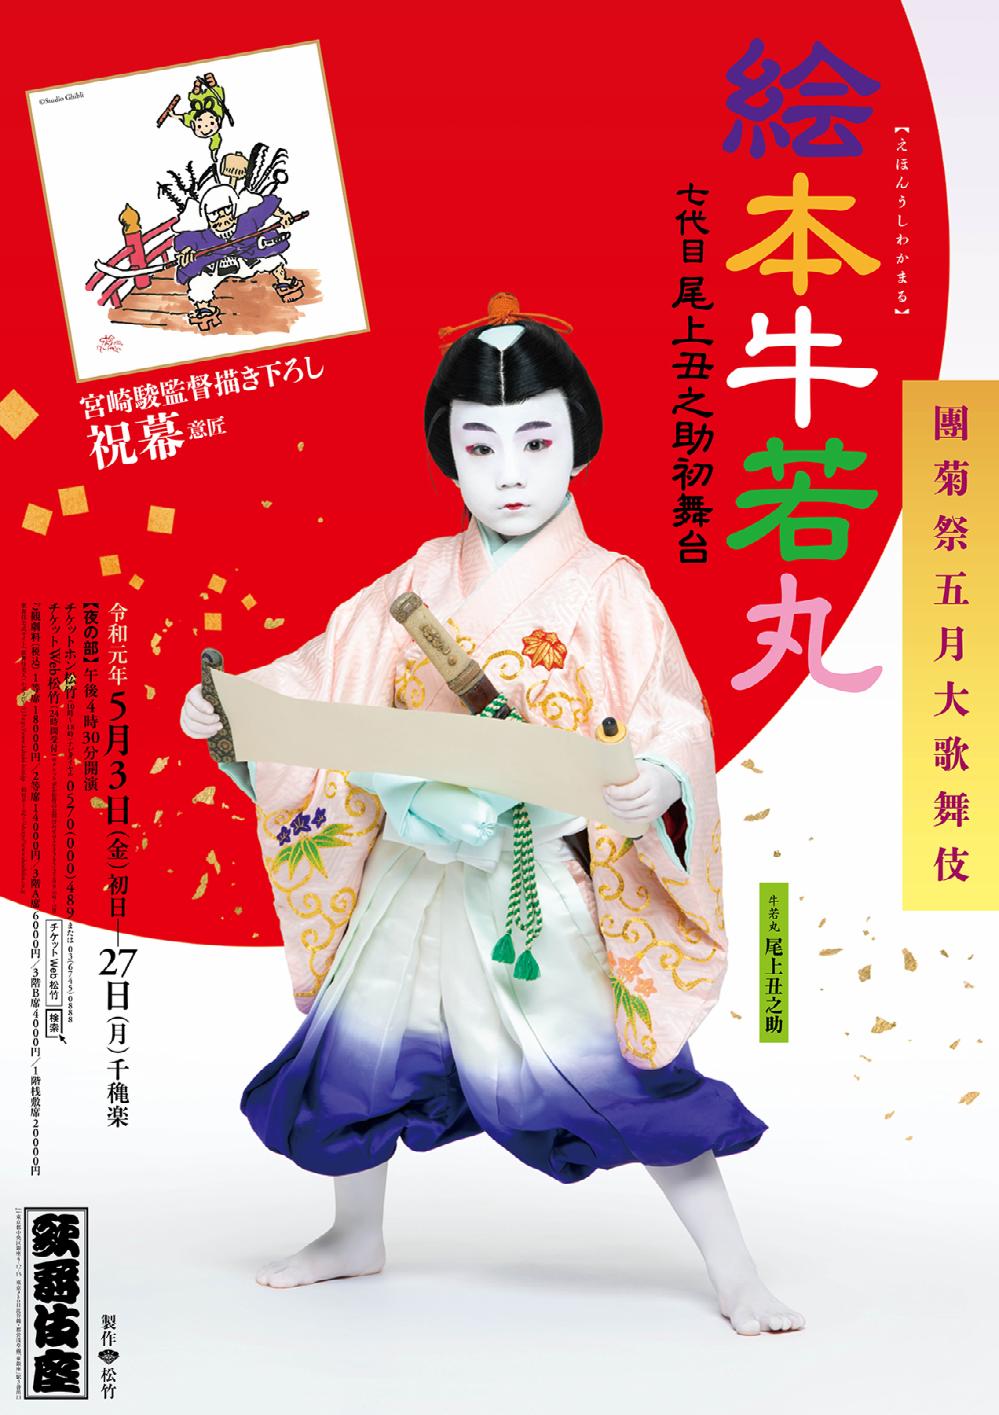 歌舞伎座『絵本牛若丸』特別ポスターが完成